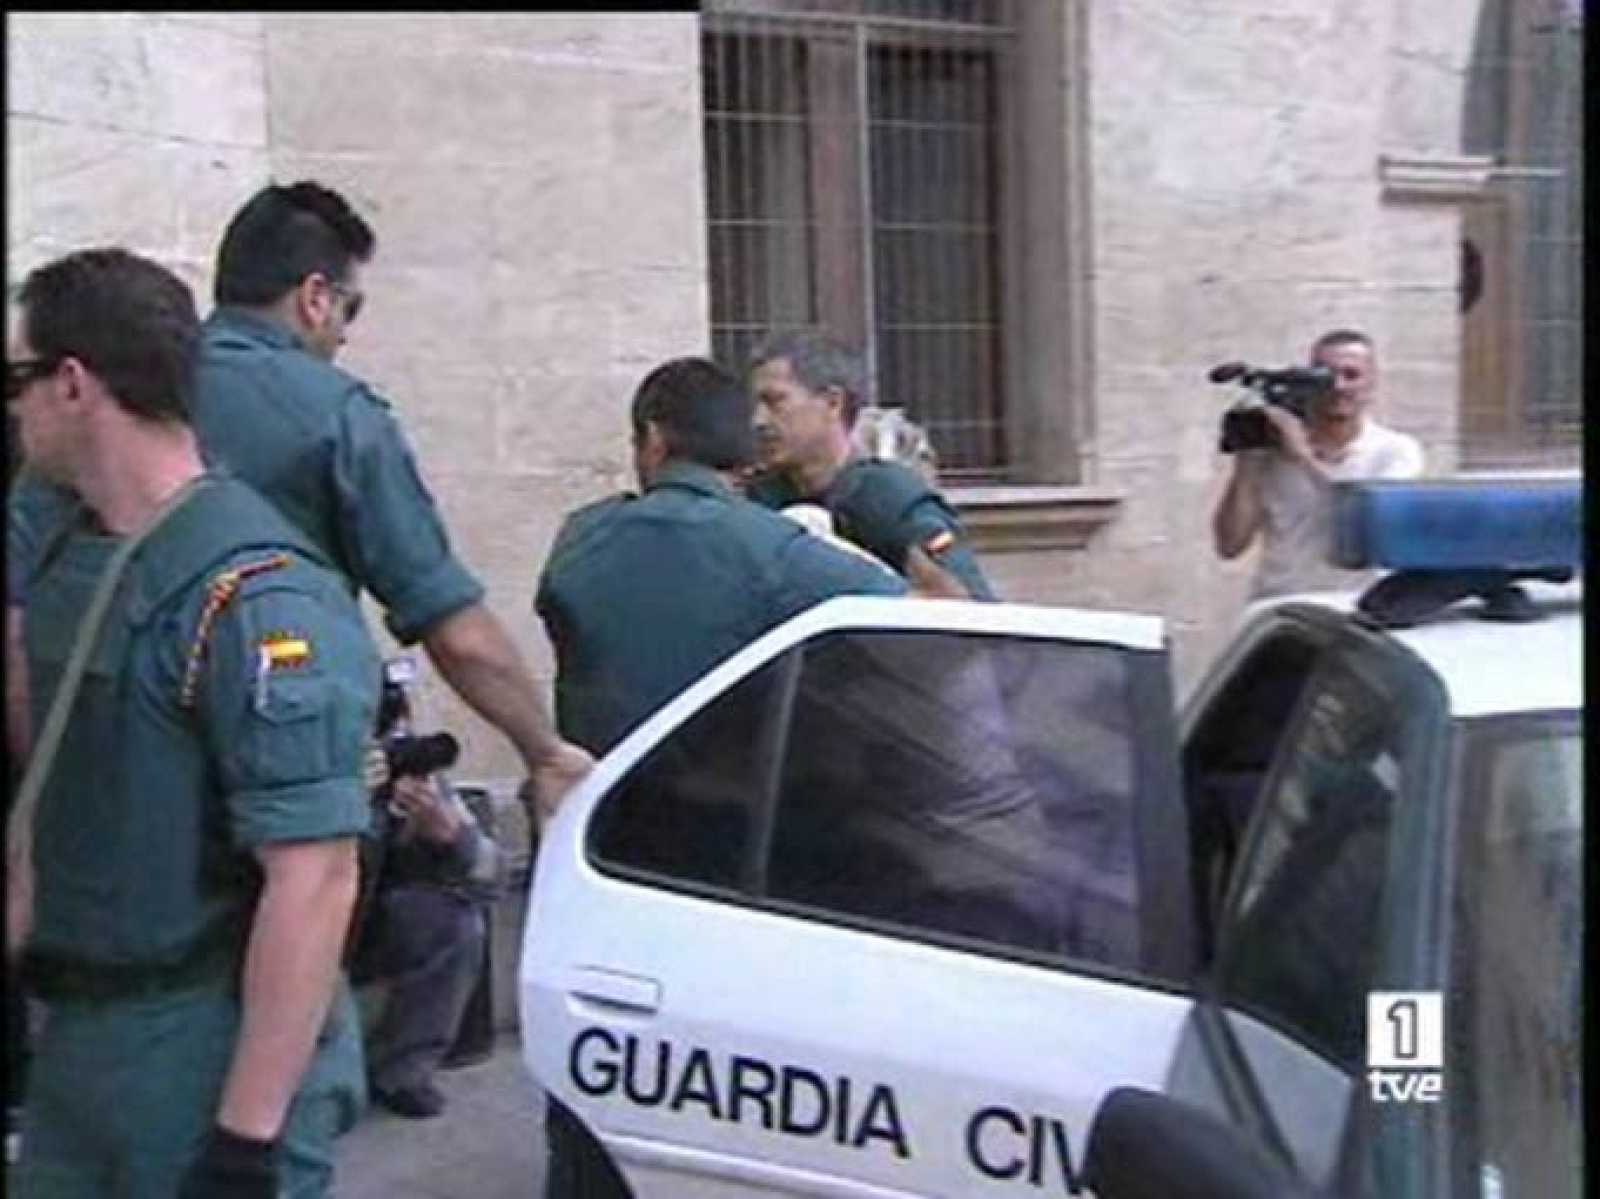 El juez de la Audiencia Nacional, Baltasar Garzón, ha decidido trasladar a Madrid y prorrogar la detención de los cuatro arrestados en Mallorca,